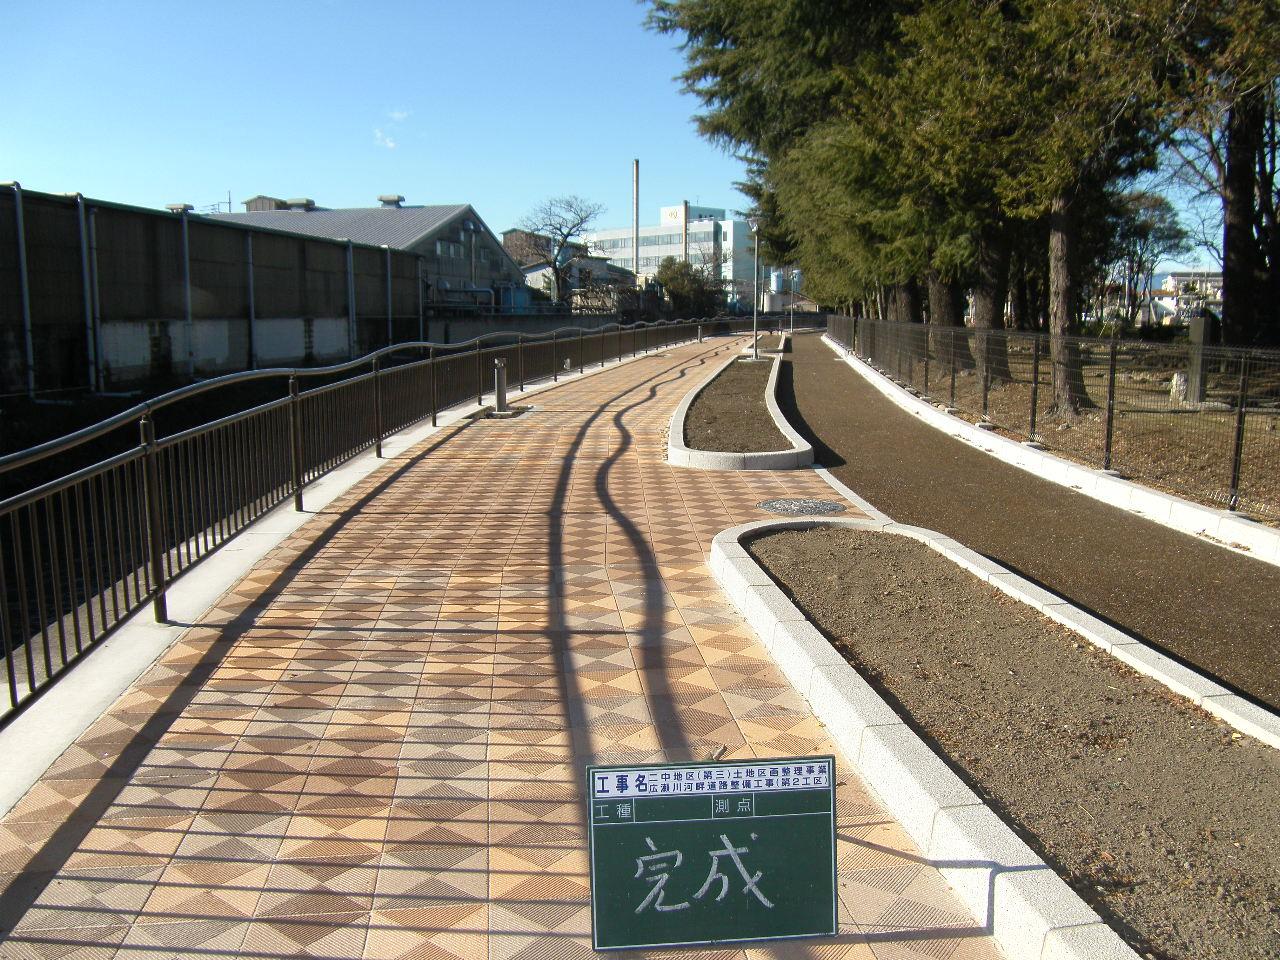 二中地区(第三)土地区画整理事業 広瀬川河畔道路整備工事 写真